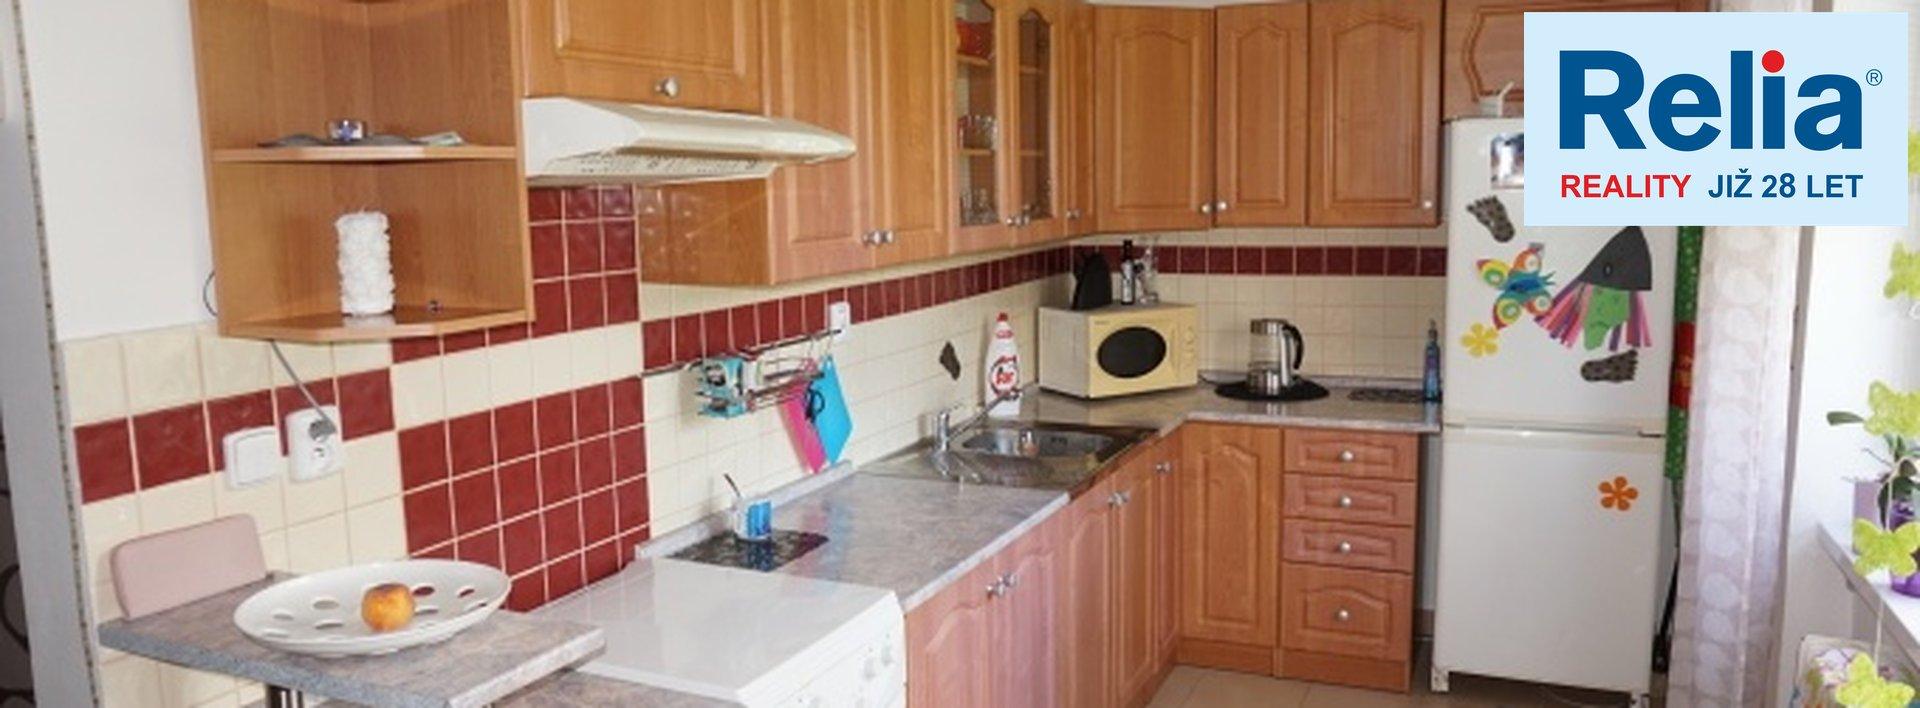 Prodej, Byt v osobním vlastnictví, 2+1, cca 51 m², ul. Osvobození, Jirkov., Ev.č.: N48117